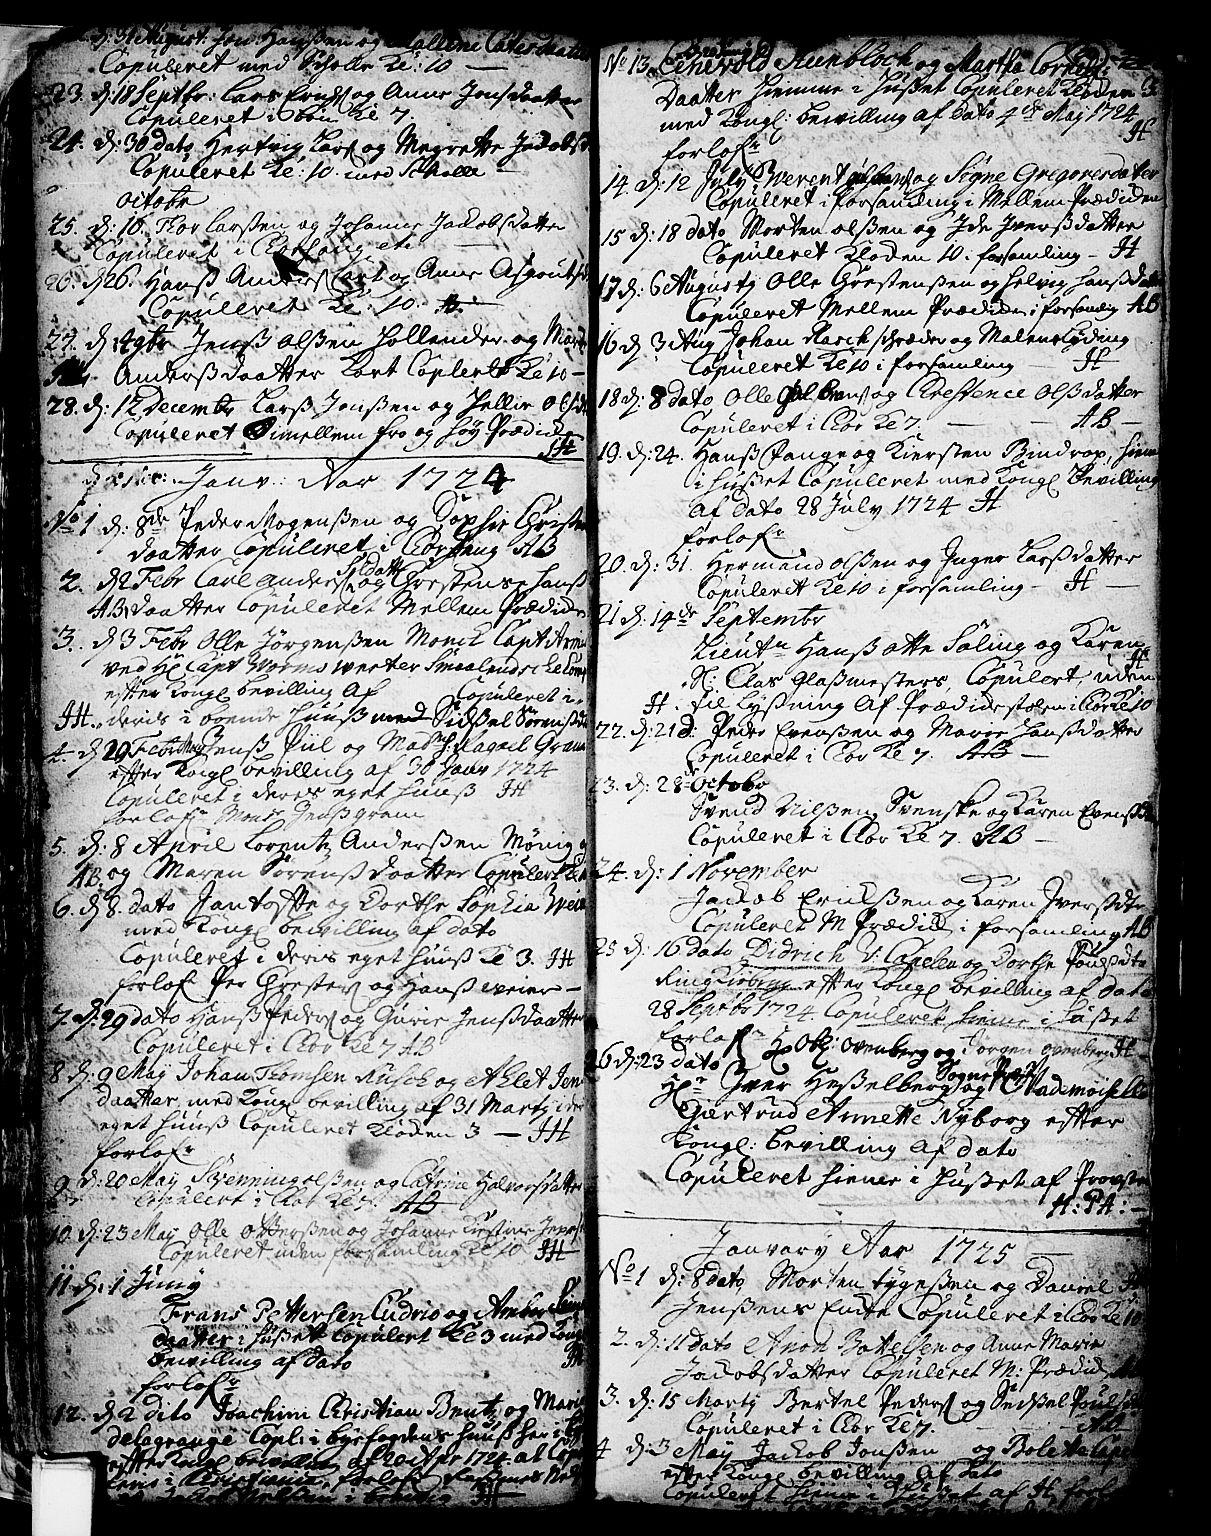 SAKO, Skien kirkebøker, F/Fa/L0002: Ministerialbok nr. 2, 1716-1757, s. 30